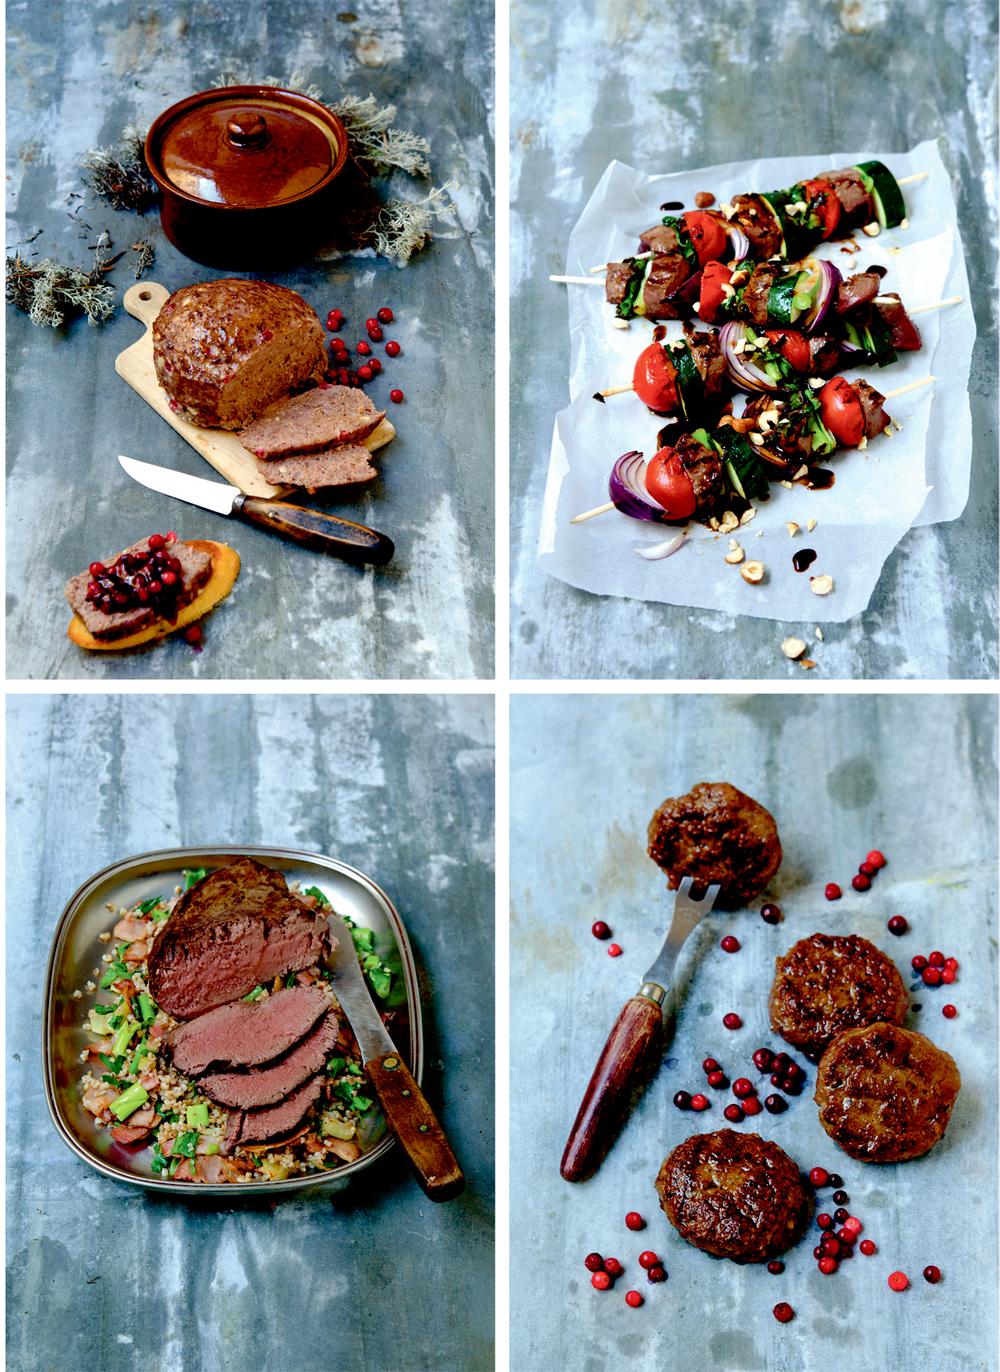 Øverst fra venstre: Kjøttpudding av reinsdyr. Grillet reinsdyr på spidd. Langtidsstekt mørbrad med byggris. Reinsdyrkaker.